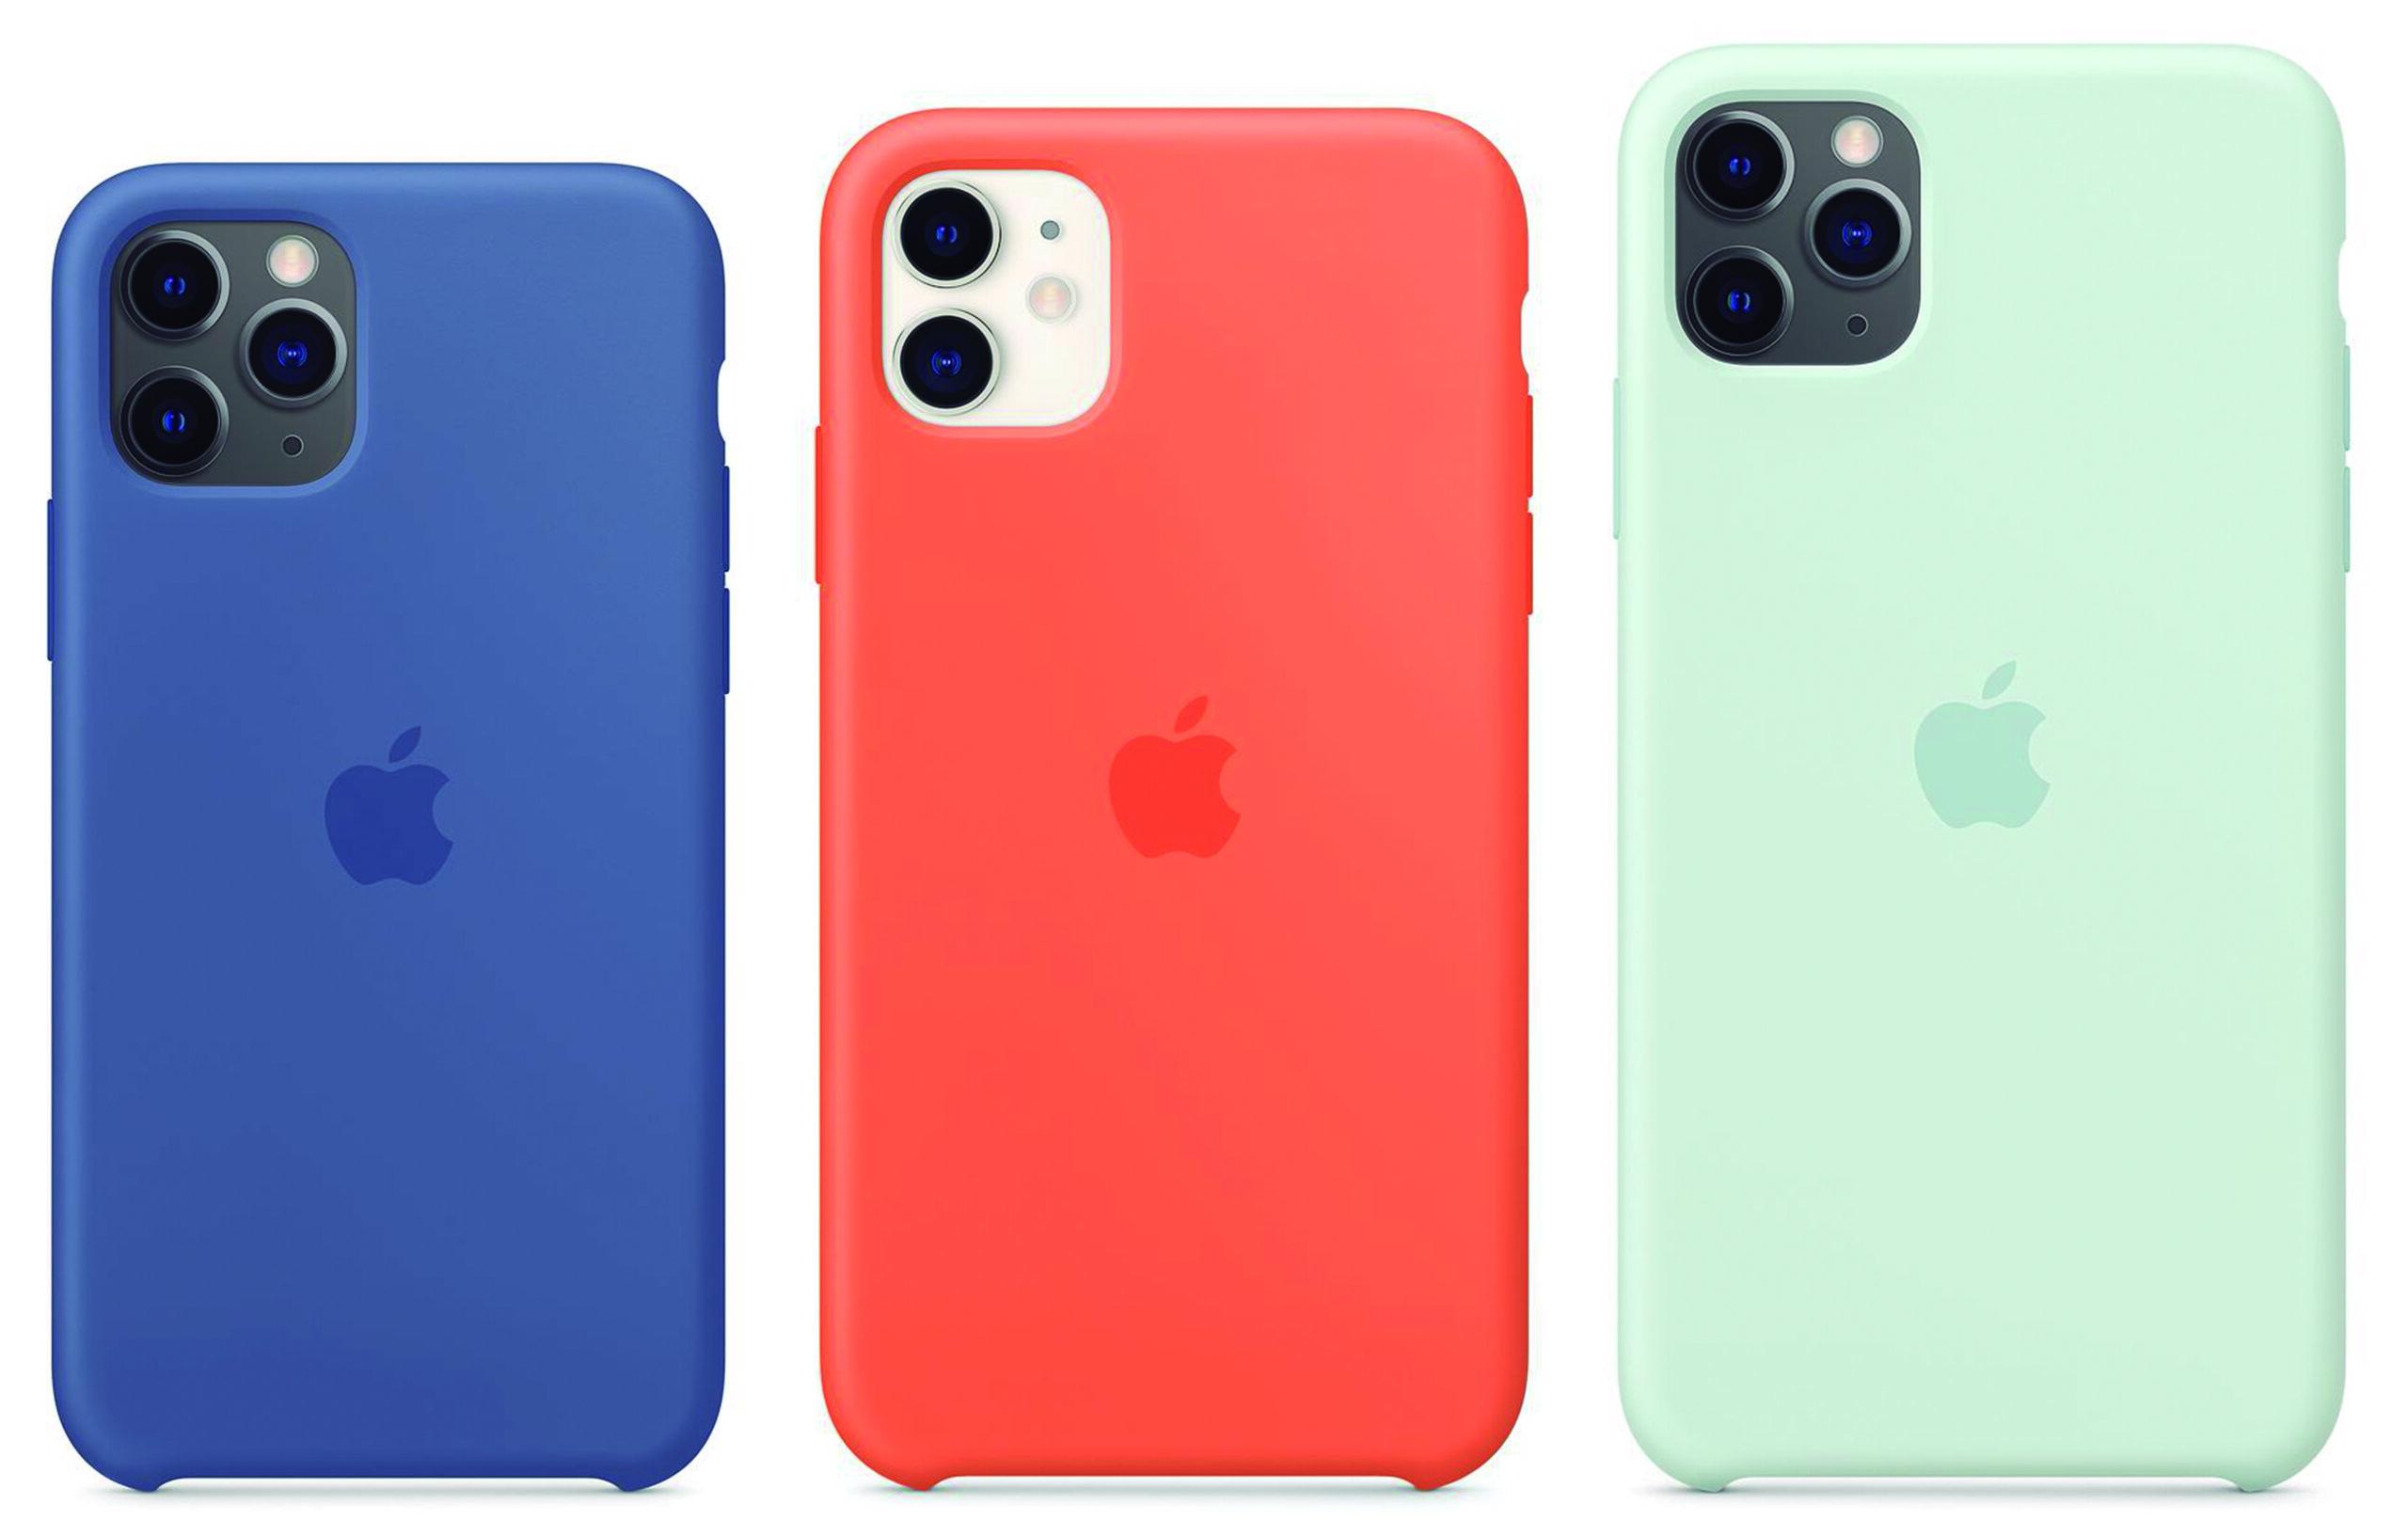 Novas cores da capa de silicone para os iPhones 11, 11 Pro e 11 Pro Max